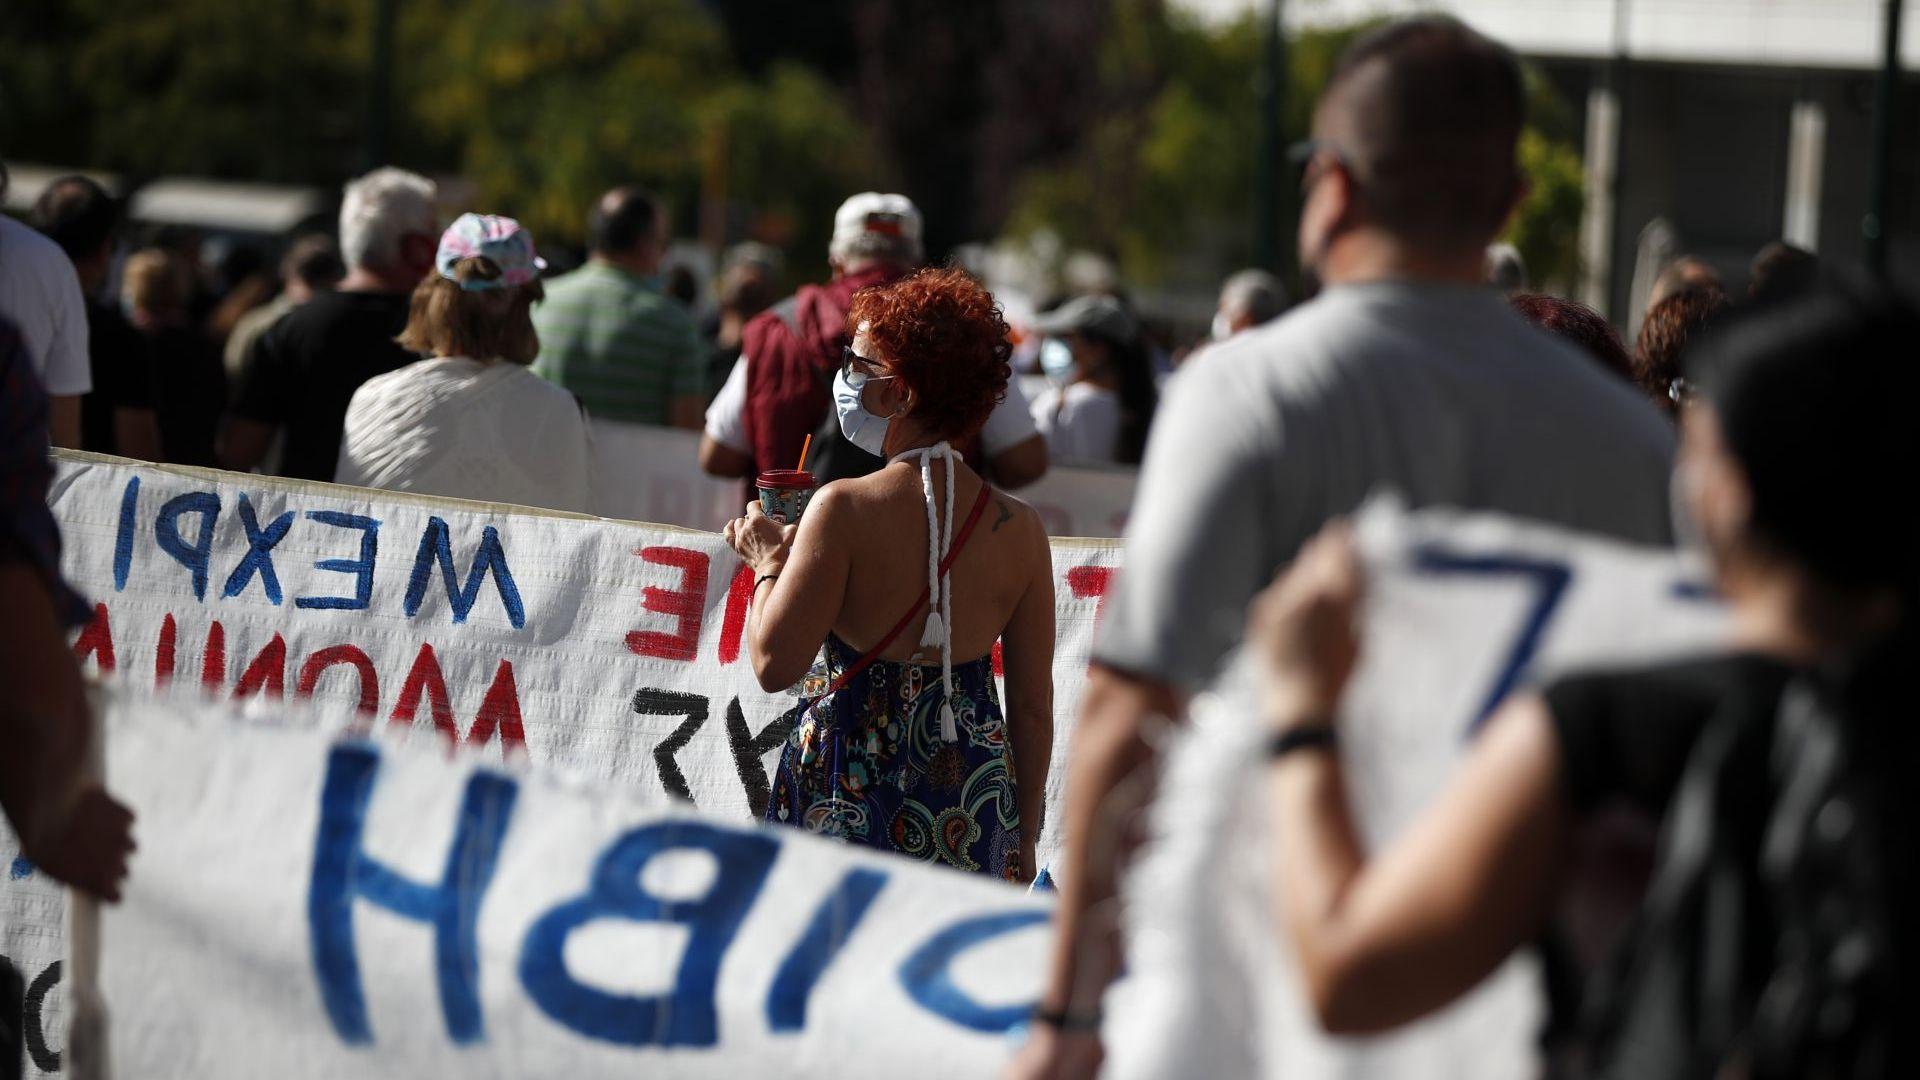 Външно: Стачка в Гърция засегна въздушния транспорт и държавните болници